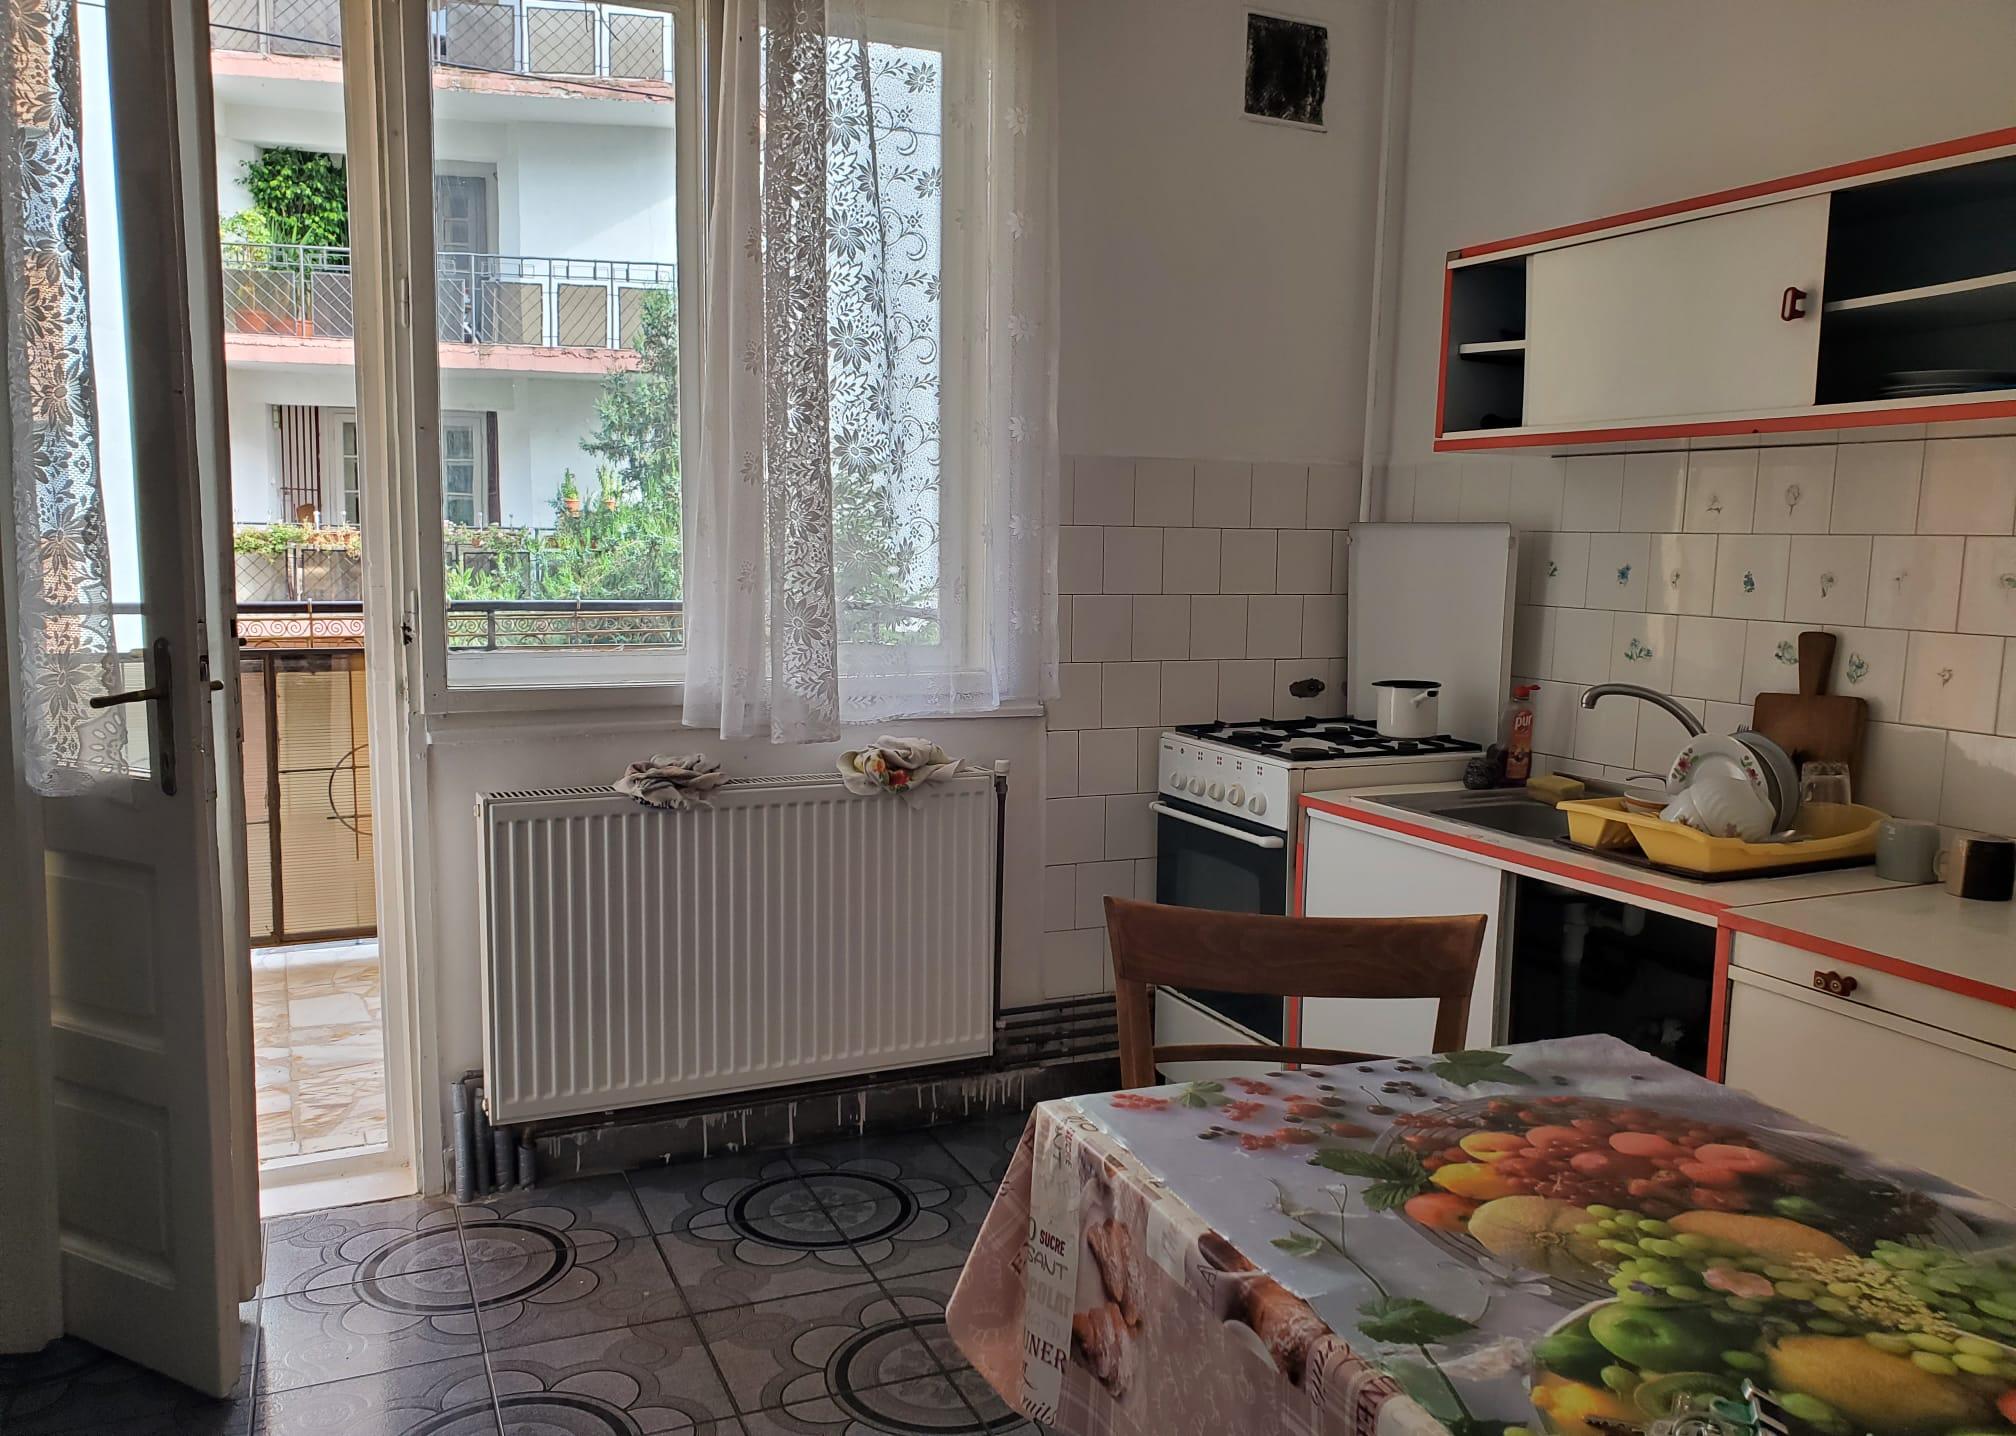 Inchiriez apartament 3 camere zona Malul Muresului-Dacilor